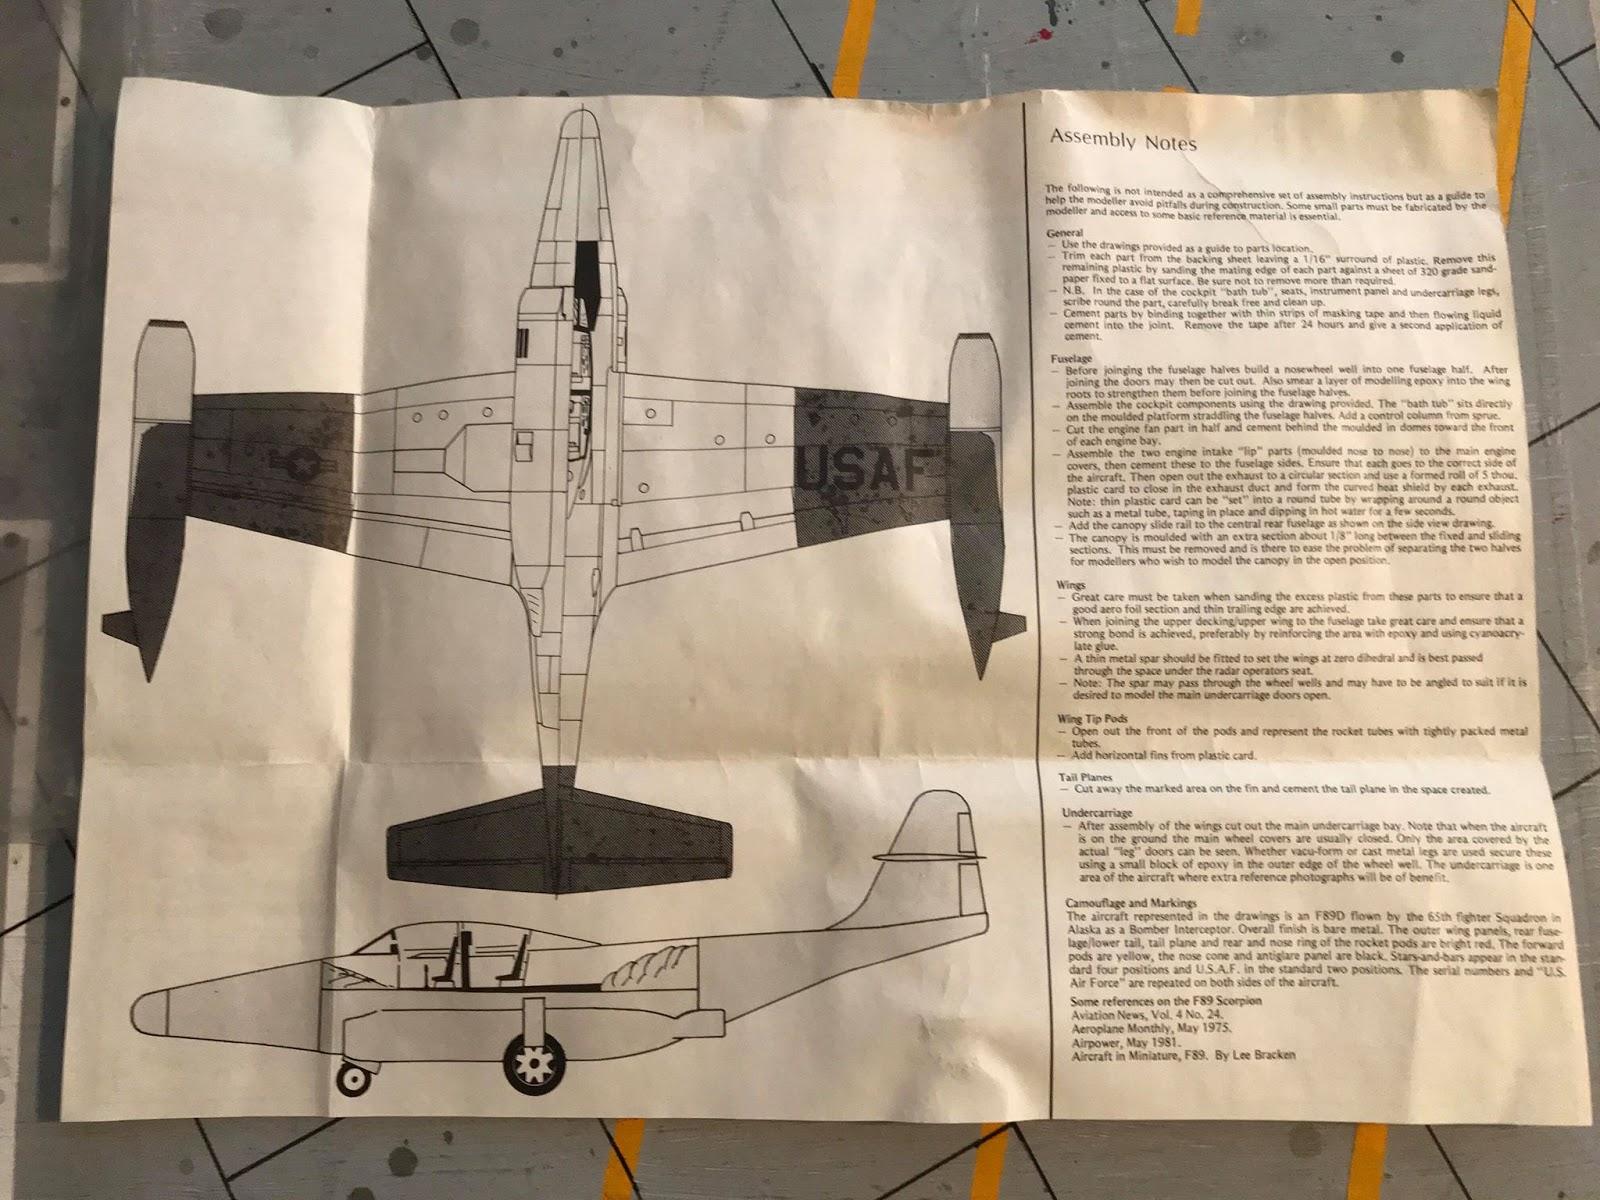 Oldsarges Aircraft Model blog: War Eagle 1/48 F-89 Scorpion Kit